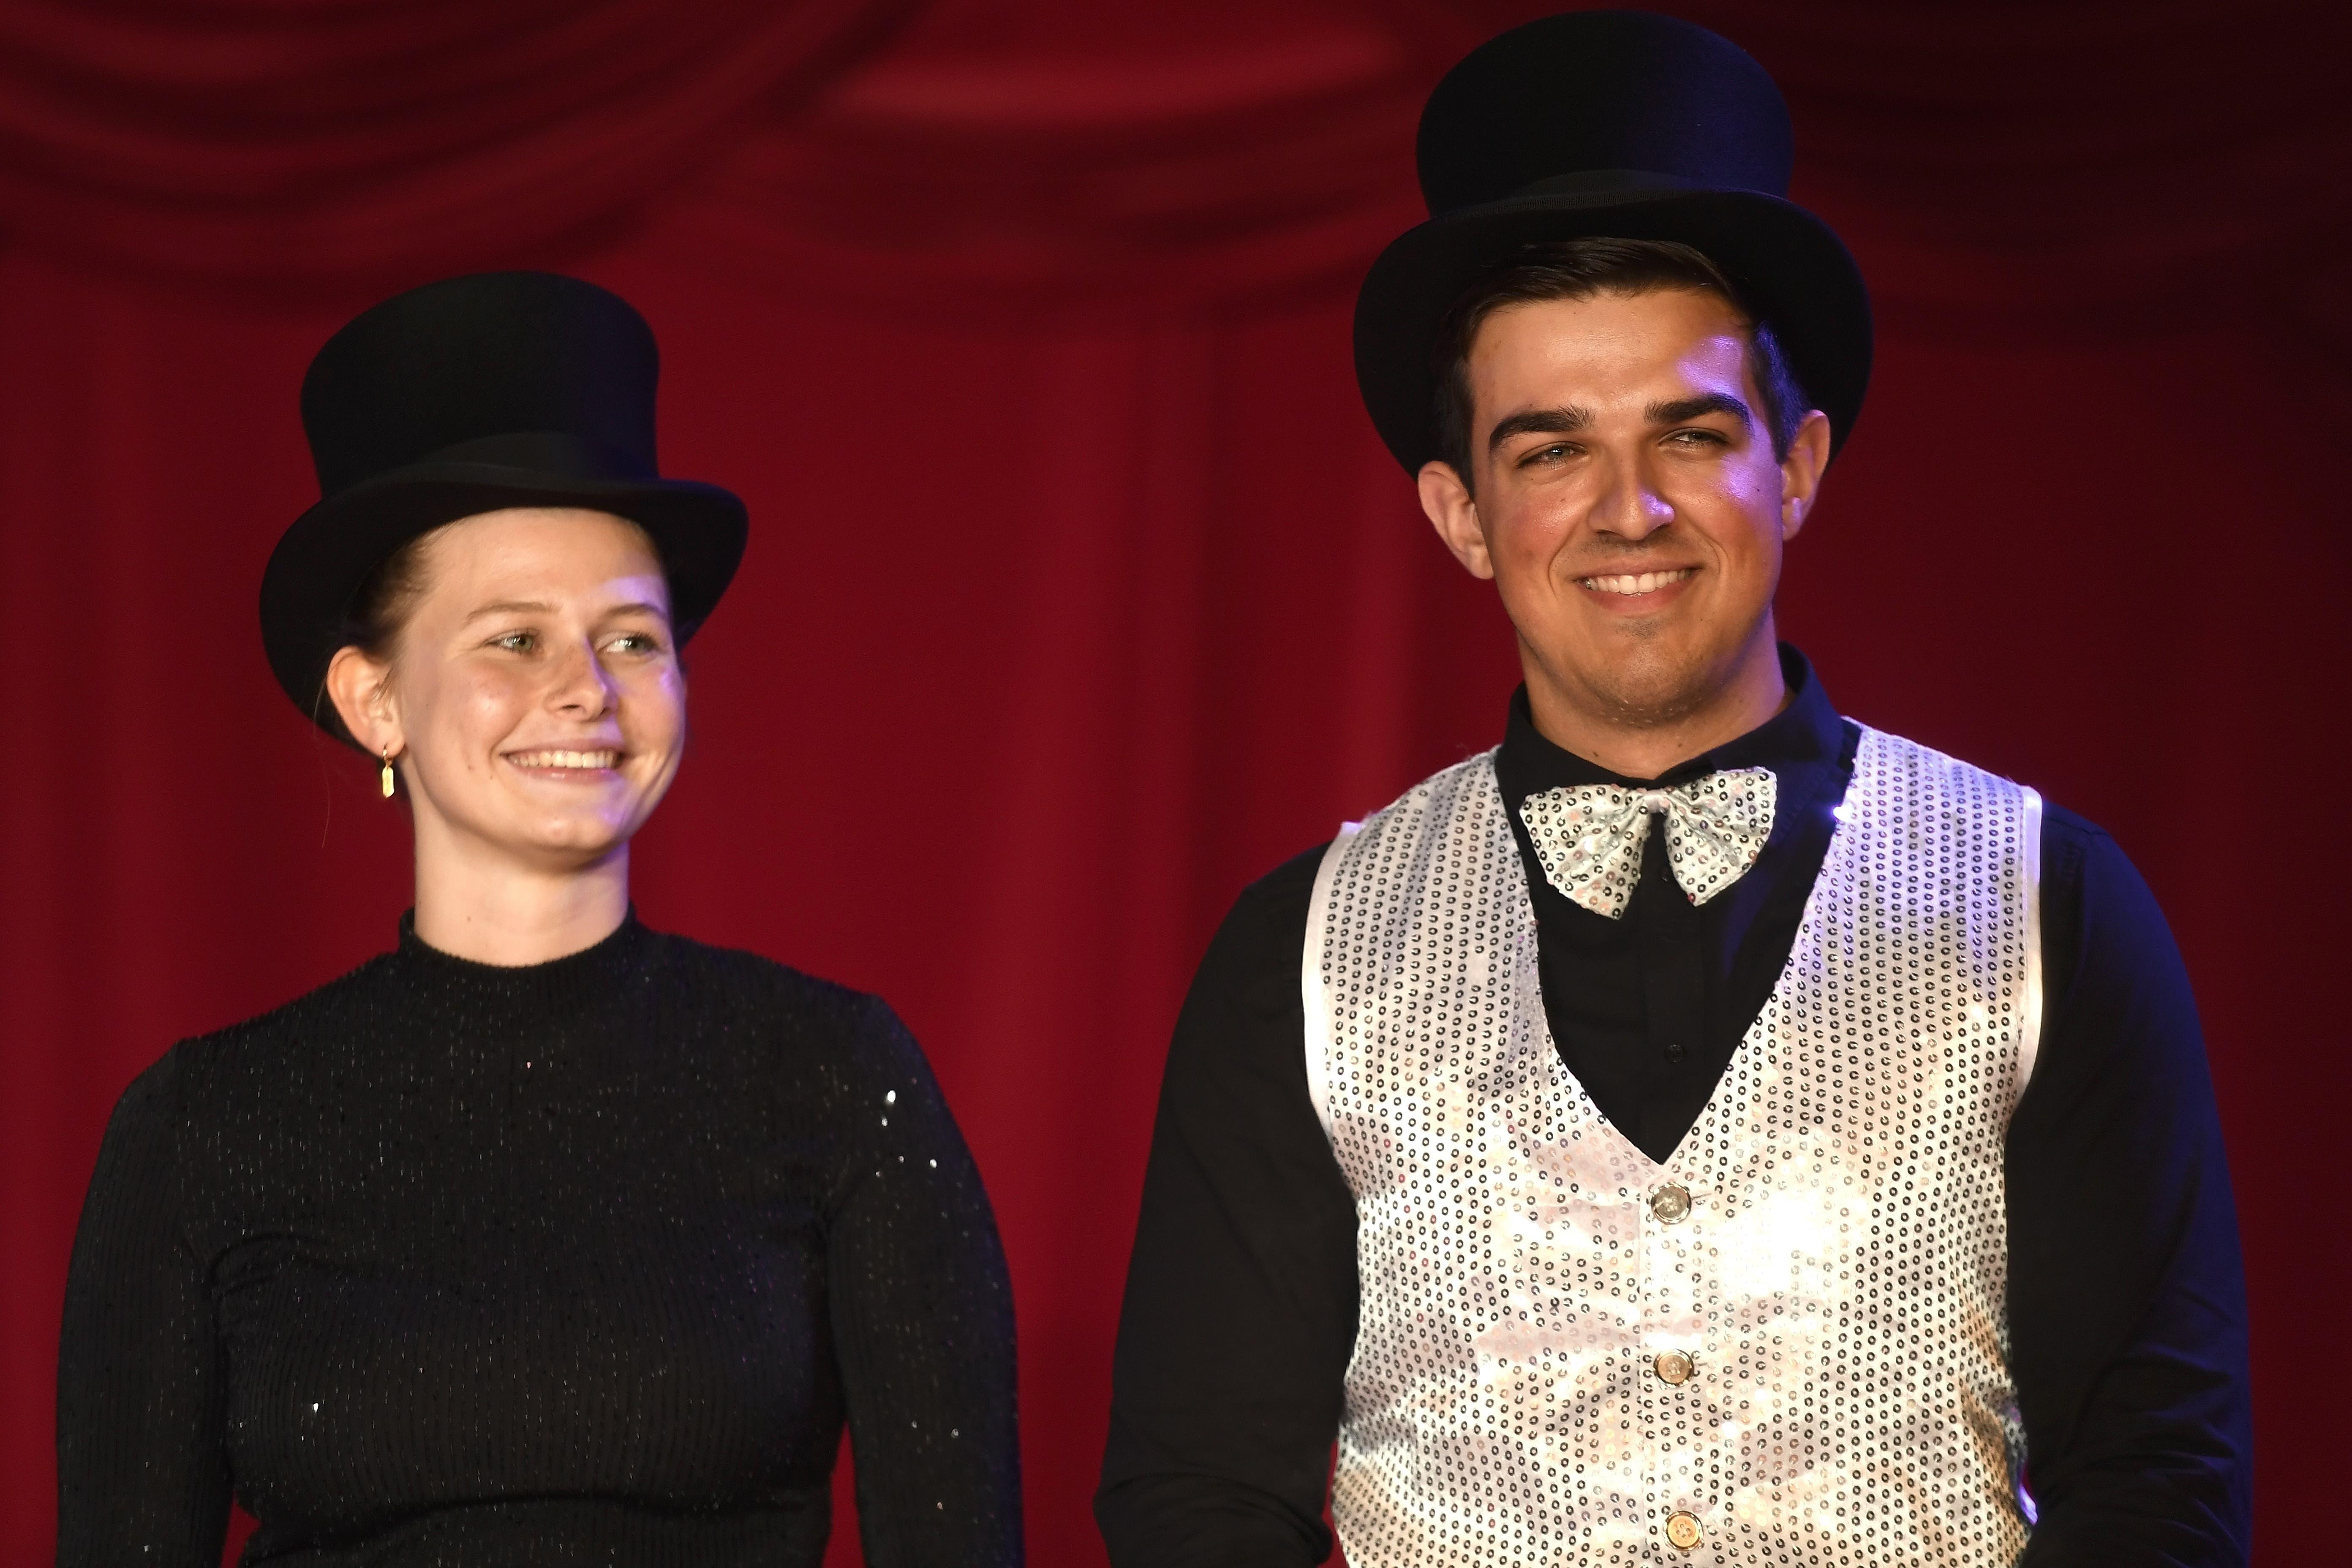 Nina Heggnauer und Joël Demierre bei der Premiere am vergangenen Freitag.